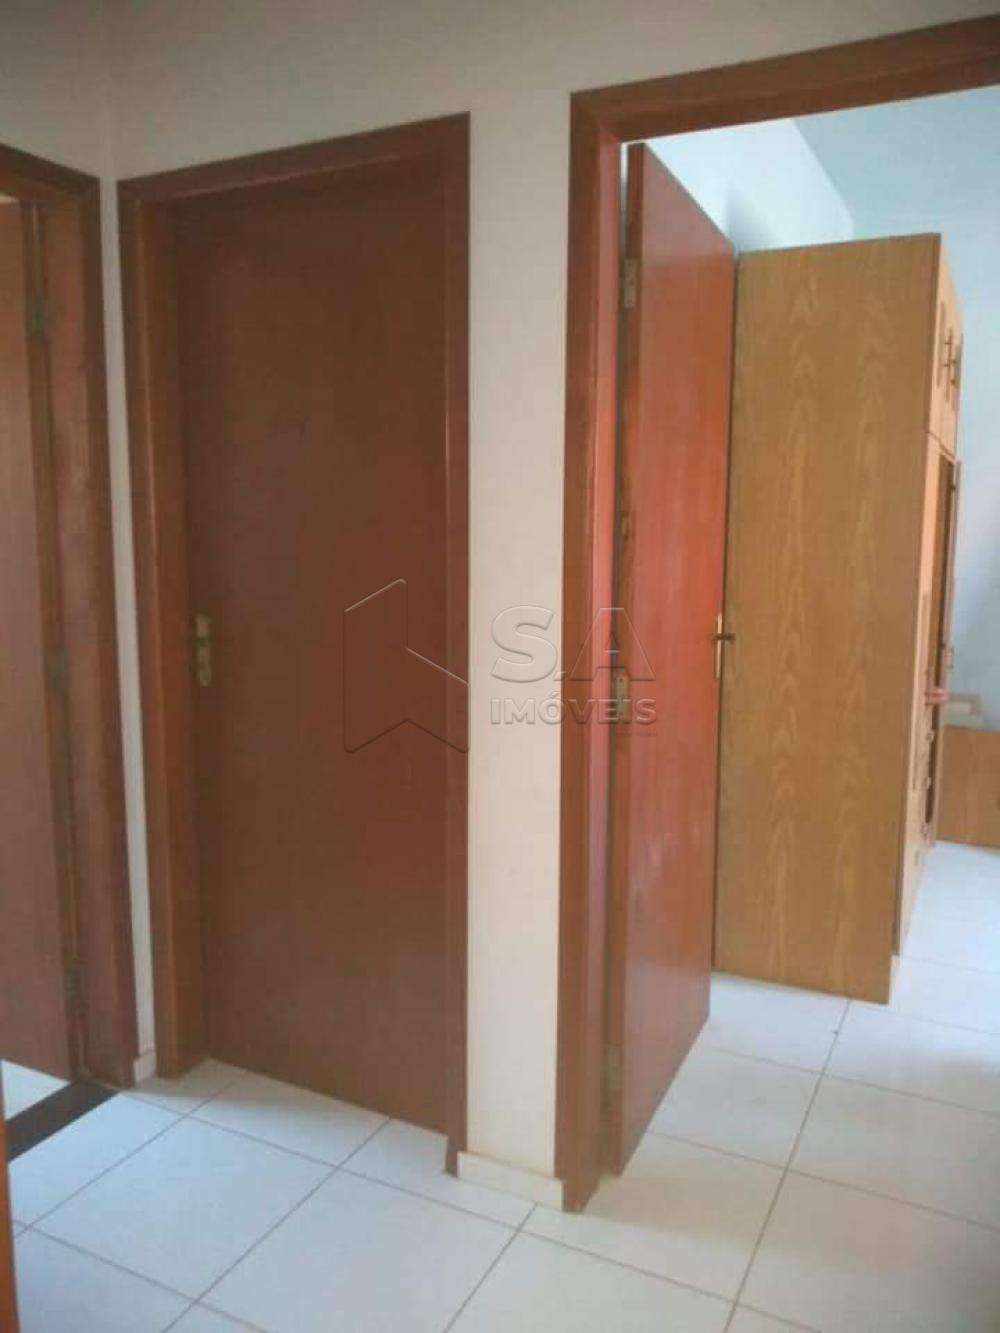 Comprar Casa / Padrão em Botucatu apenas R$ 220.000,00 - Foto 11